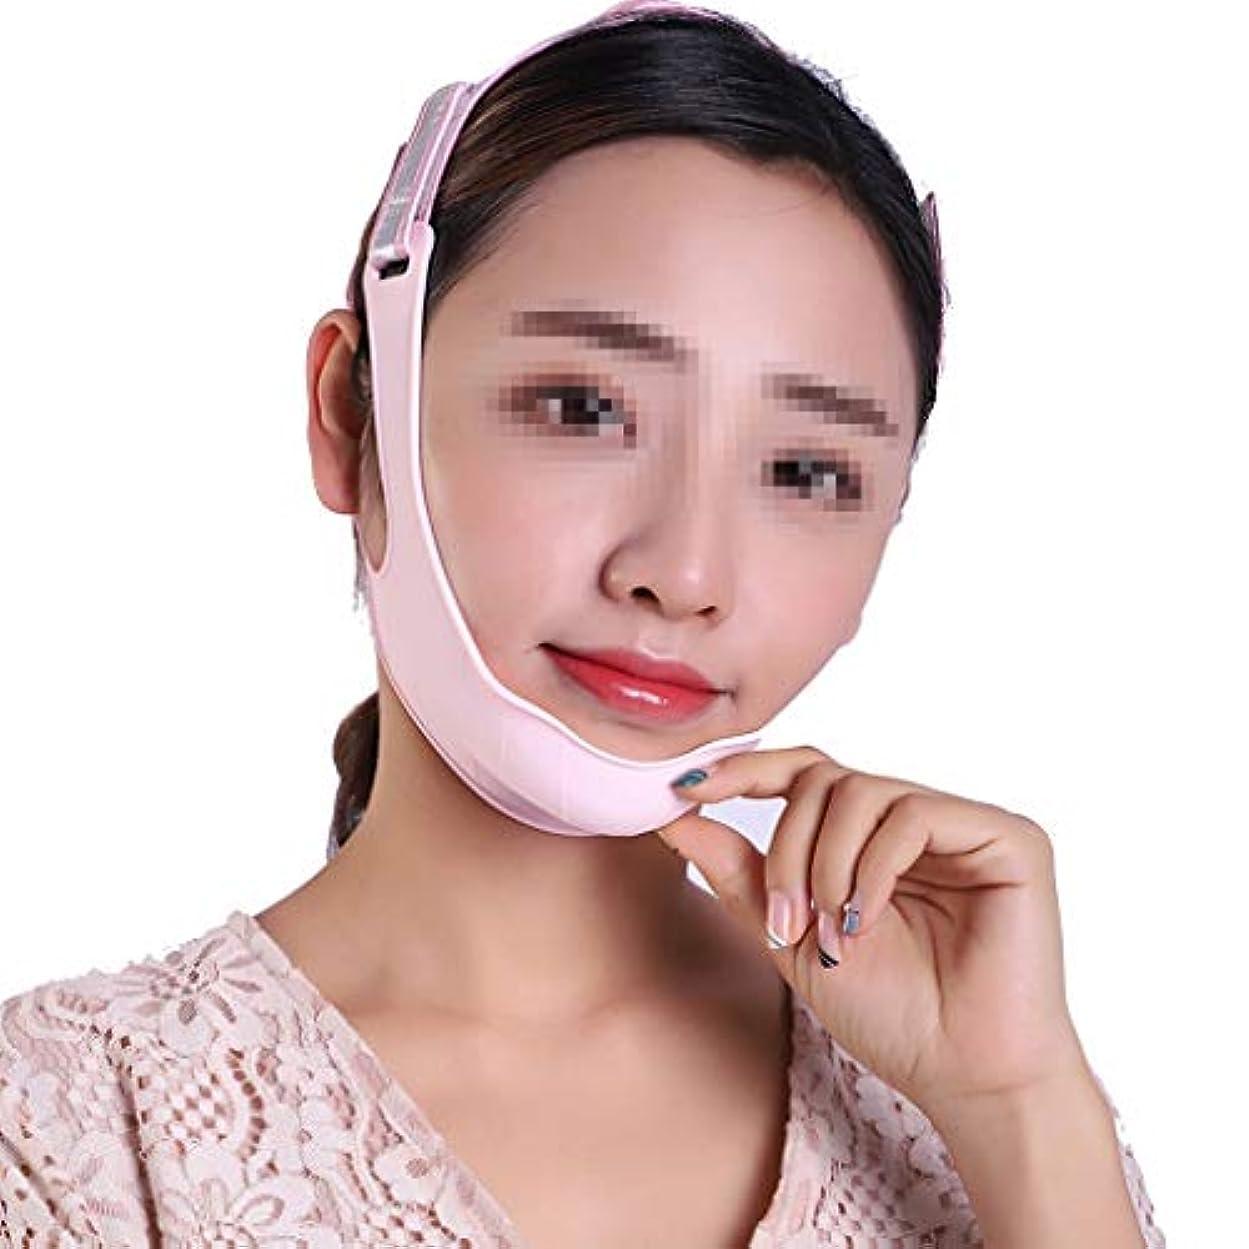 申込みファンネルウェブスパイダー勇気XHLMRMJ シリコーンフェイスマスク、小さなv顔薄い顔包帯持ち上がる顔引き締めアーティファクトマッサージ師スキニーフェイス美容バー